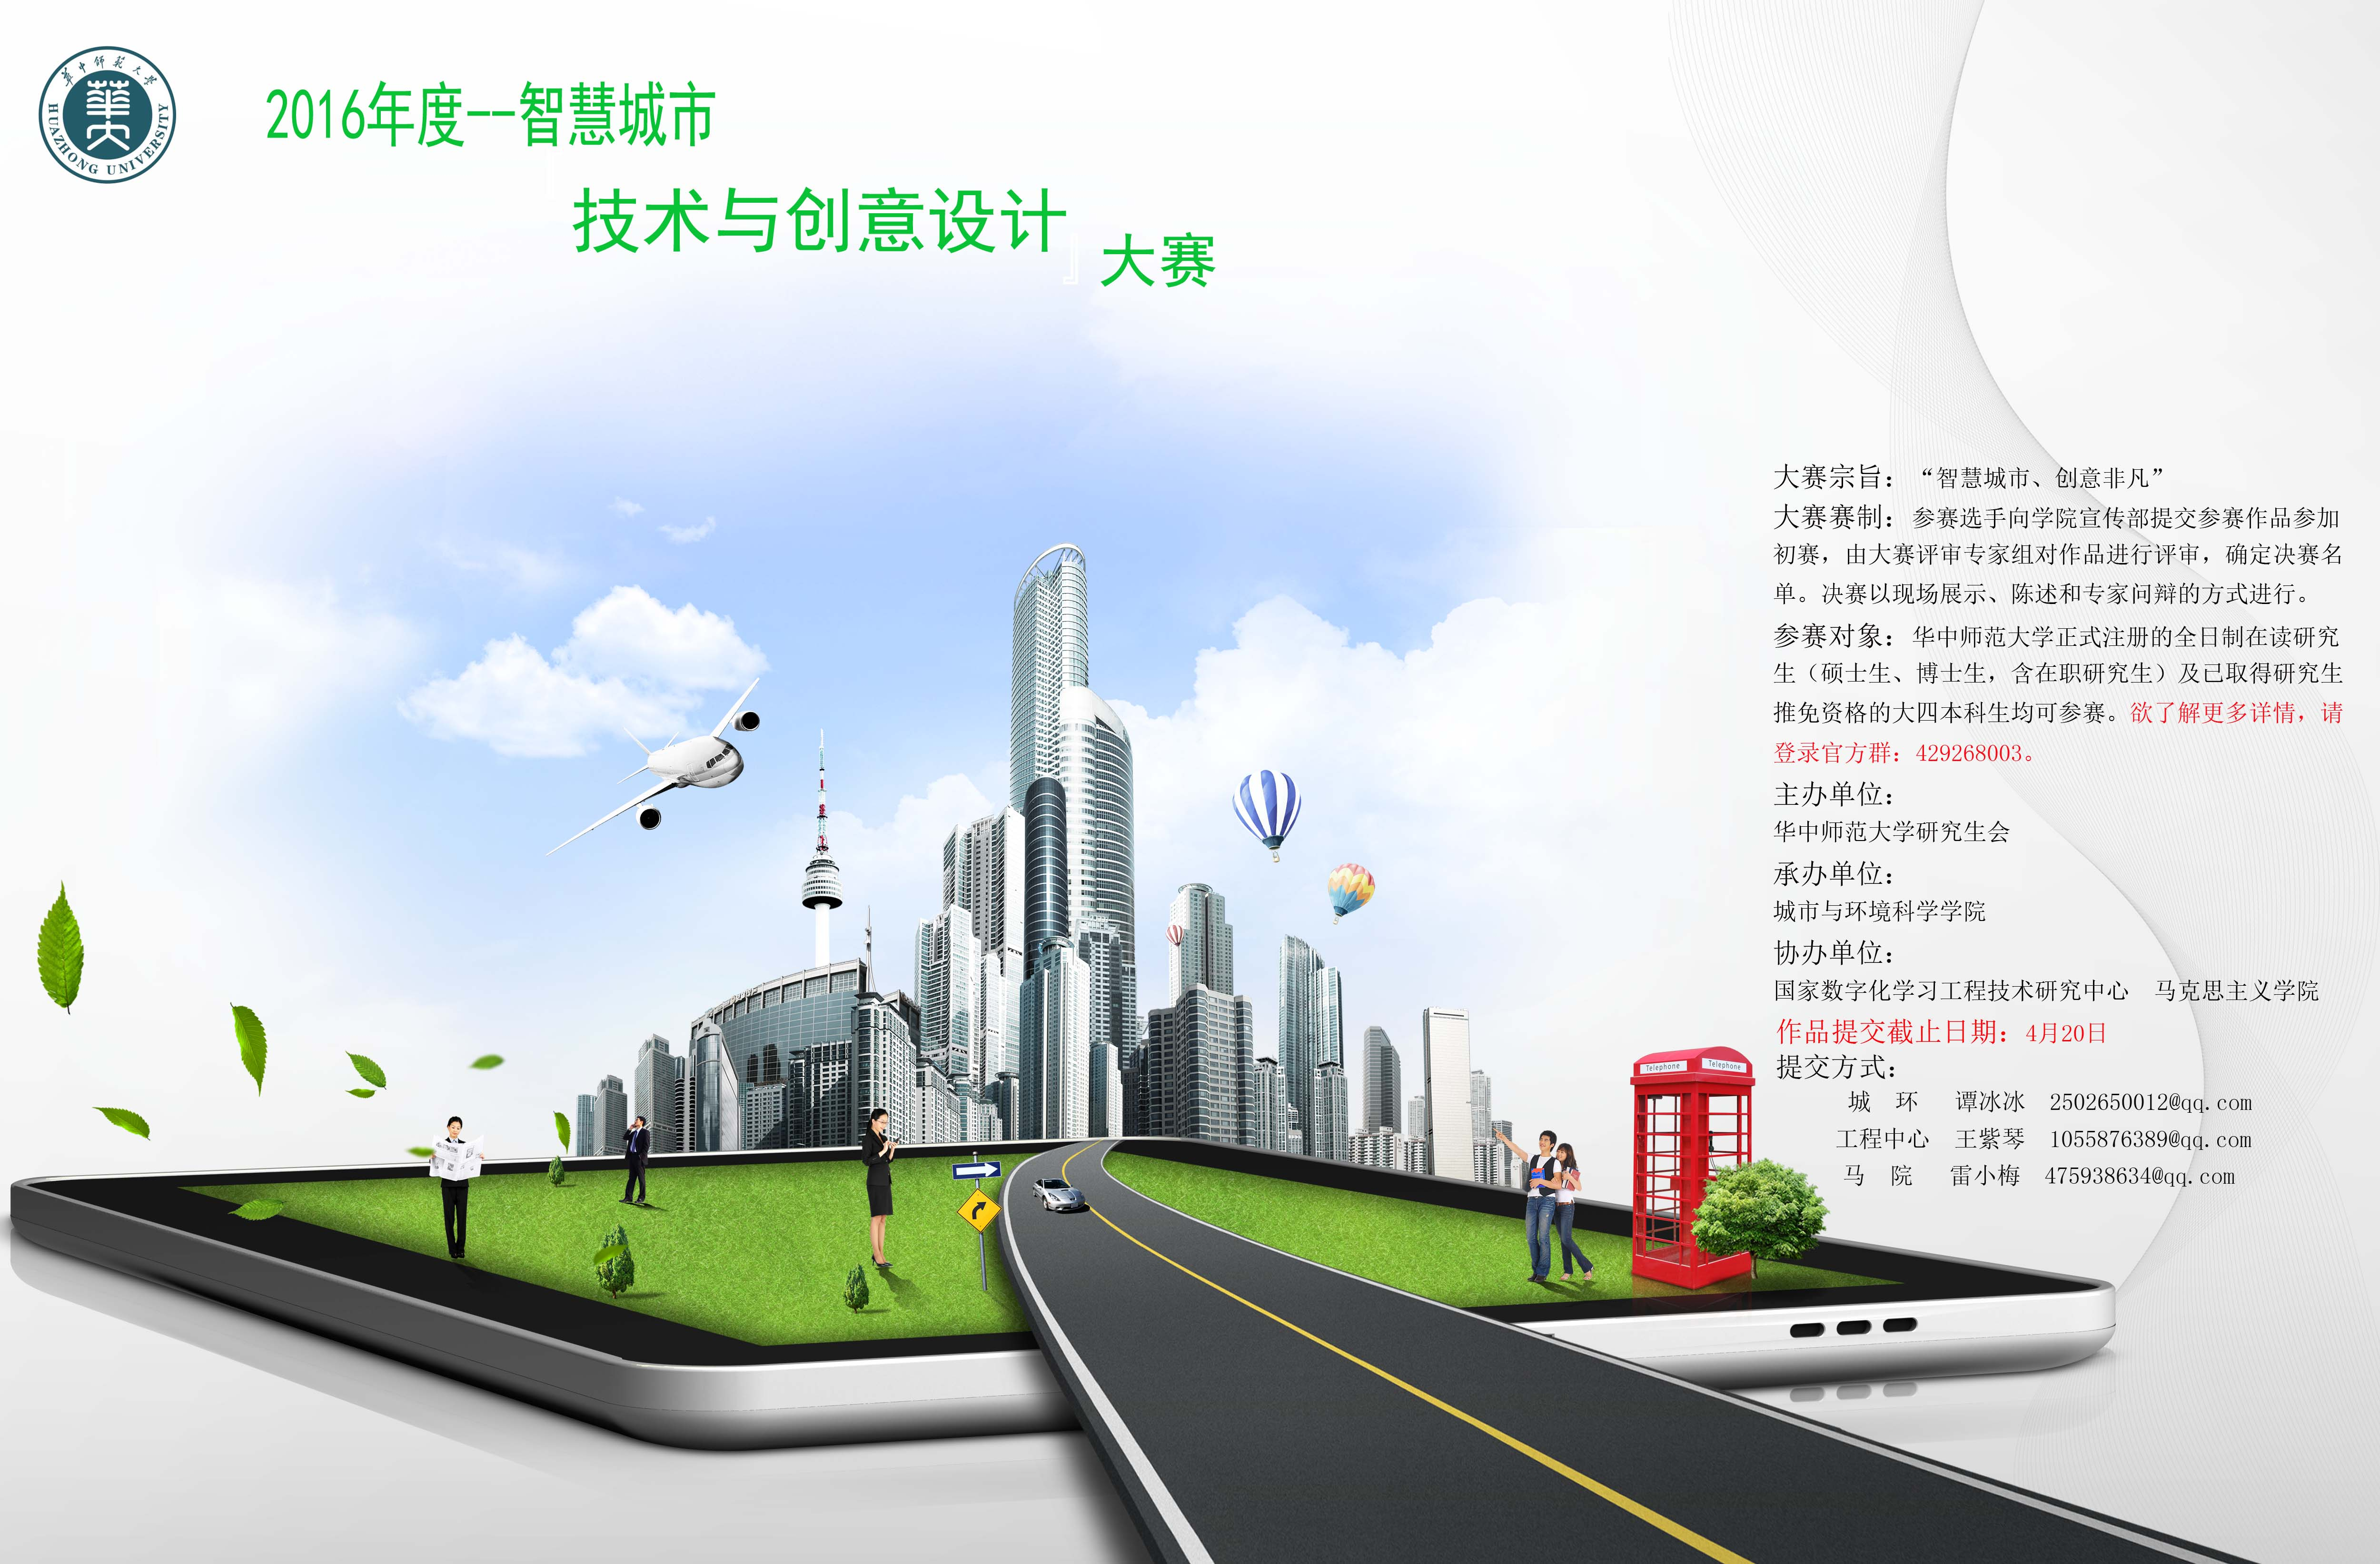 """""""第三届全国研究生智慧城市技术与创意设计大赛""""火热报名中"""